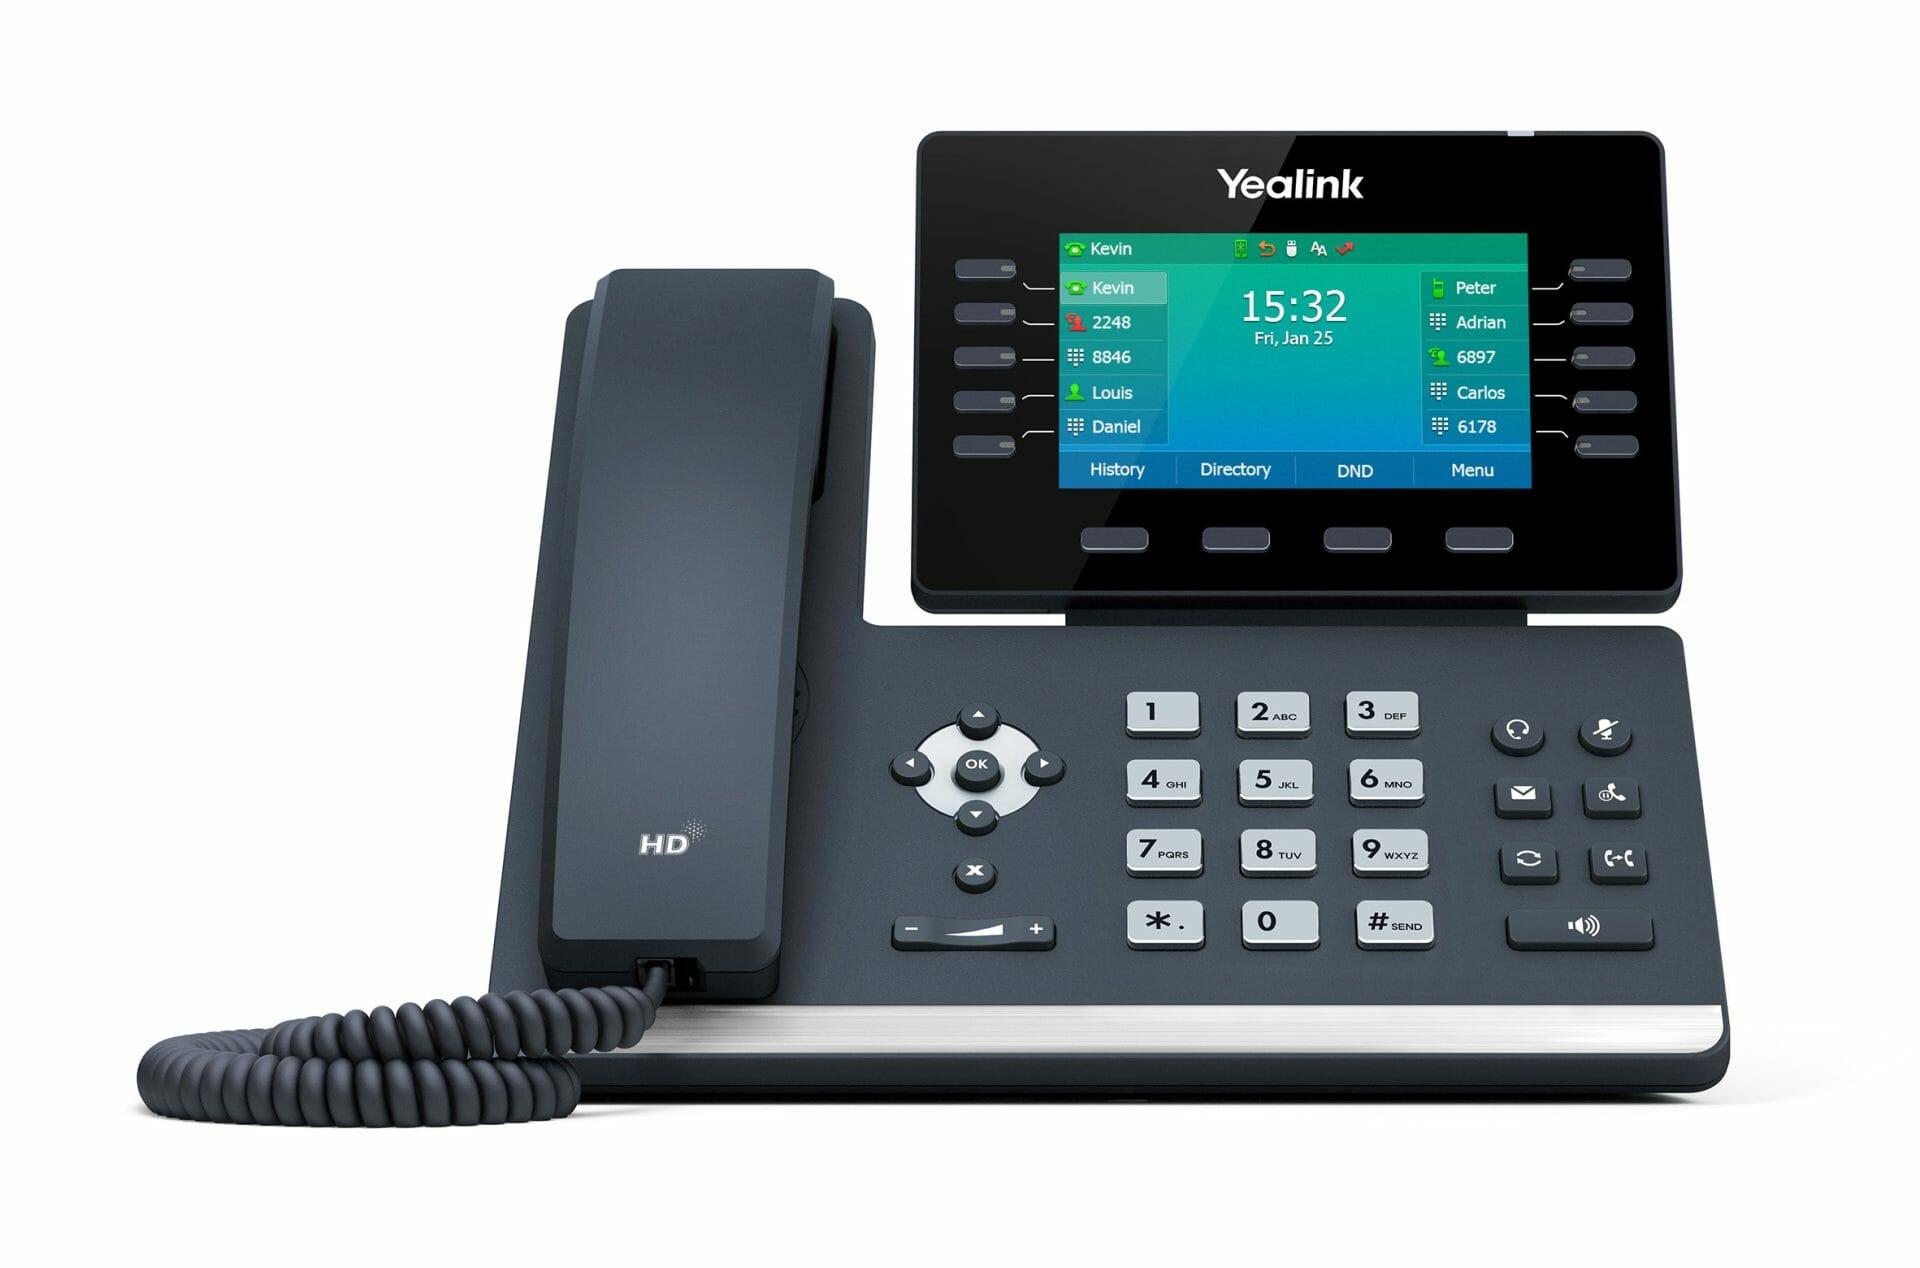 yealink telephone